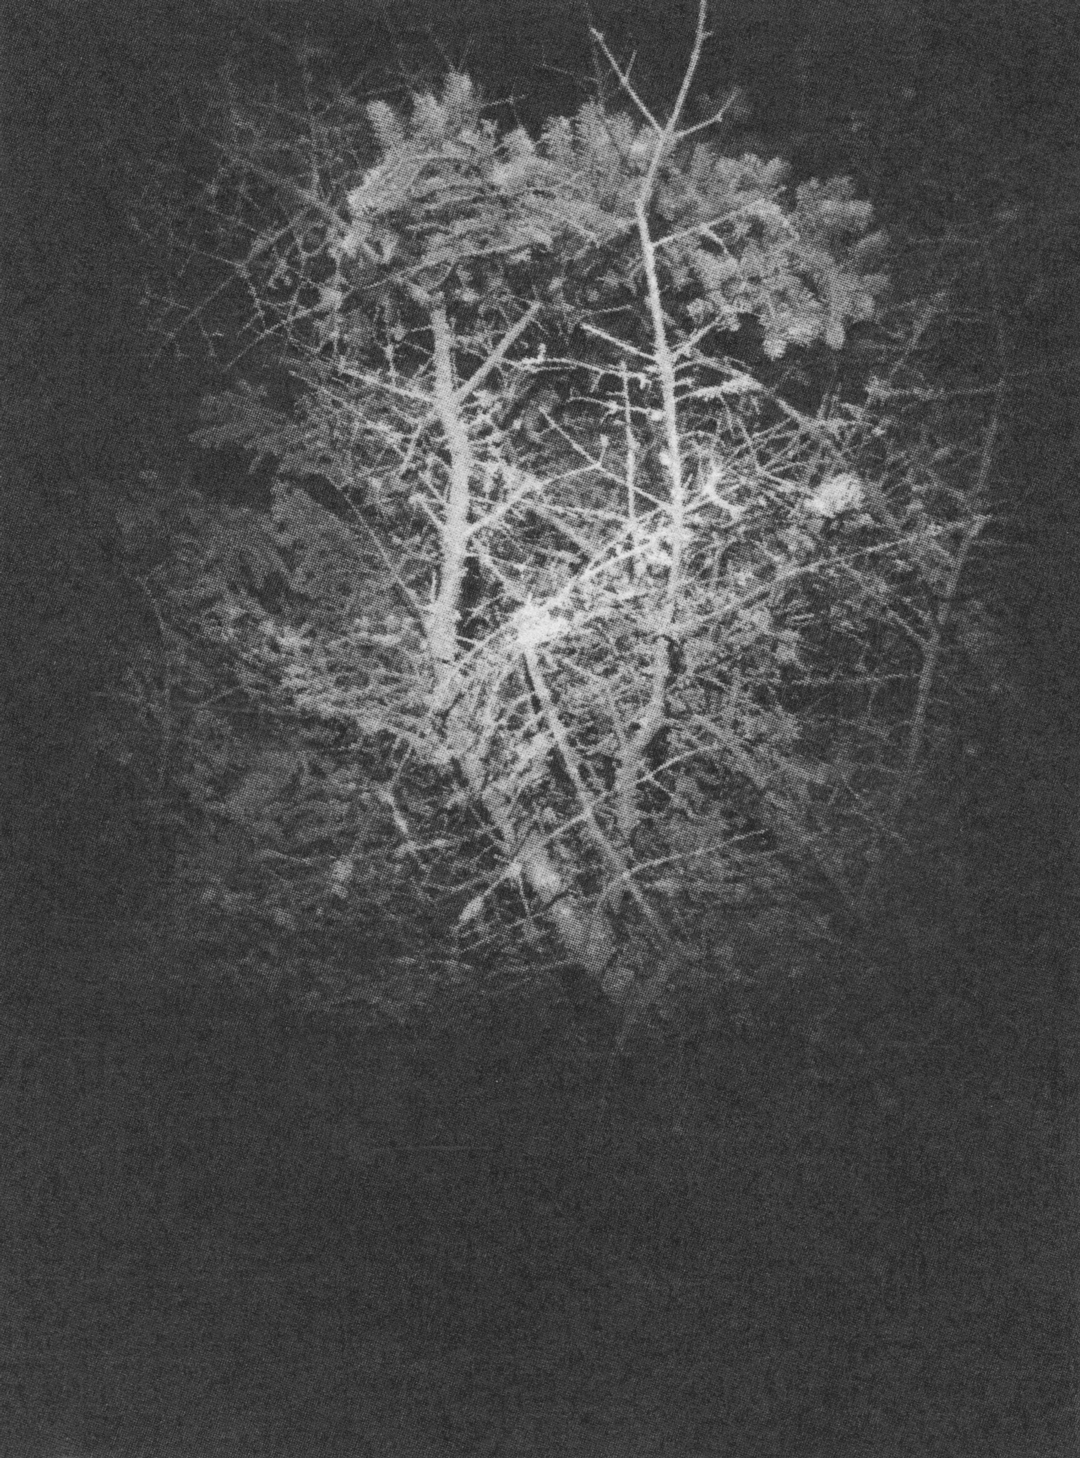 nighttime02web.jpg